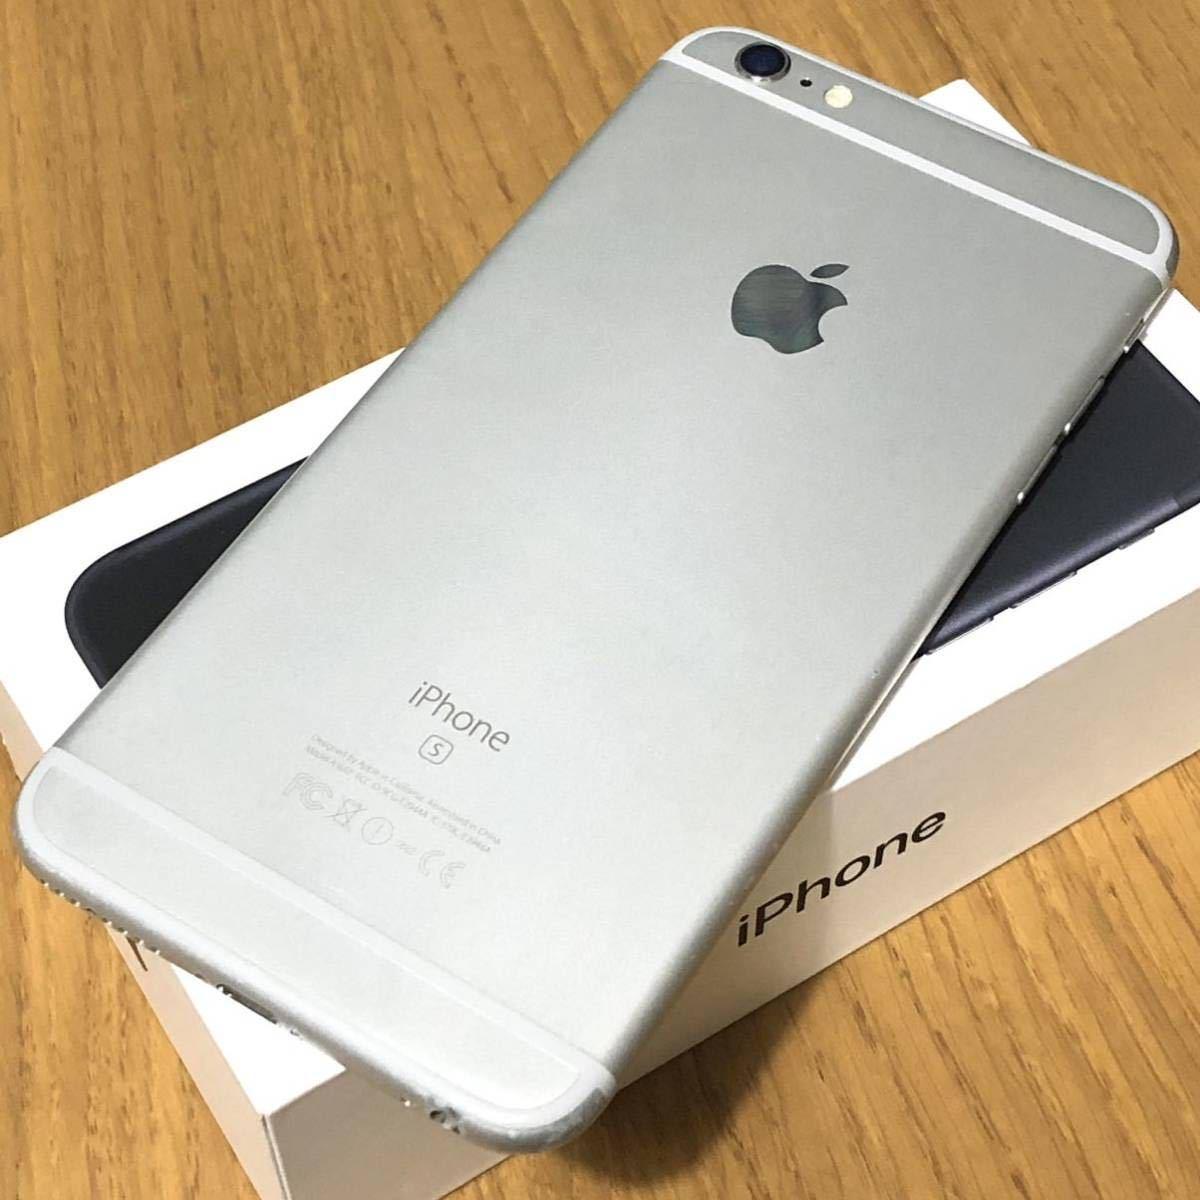 緊急入荷|速達発送可|おまけ付き|動作確認済|Apple|iPhone 6s Plus 64gb|中古品|国内版SIMフリー|安価|格安SIM利用可|早い者勝ち